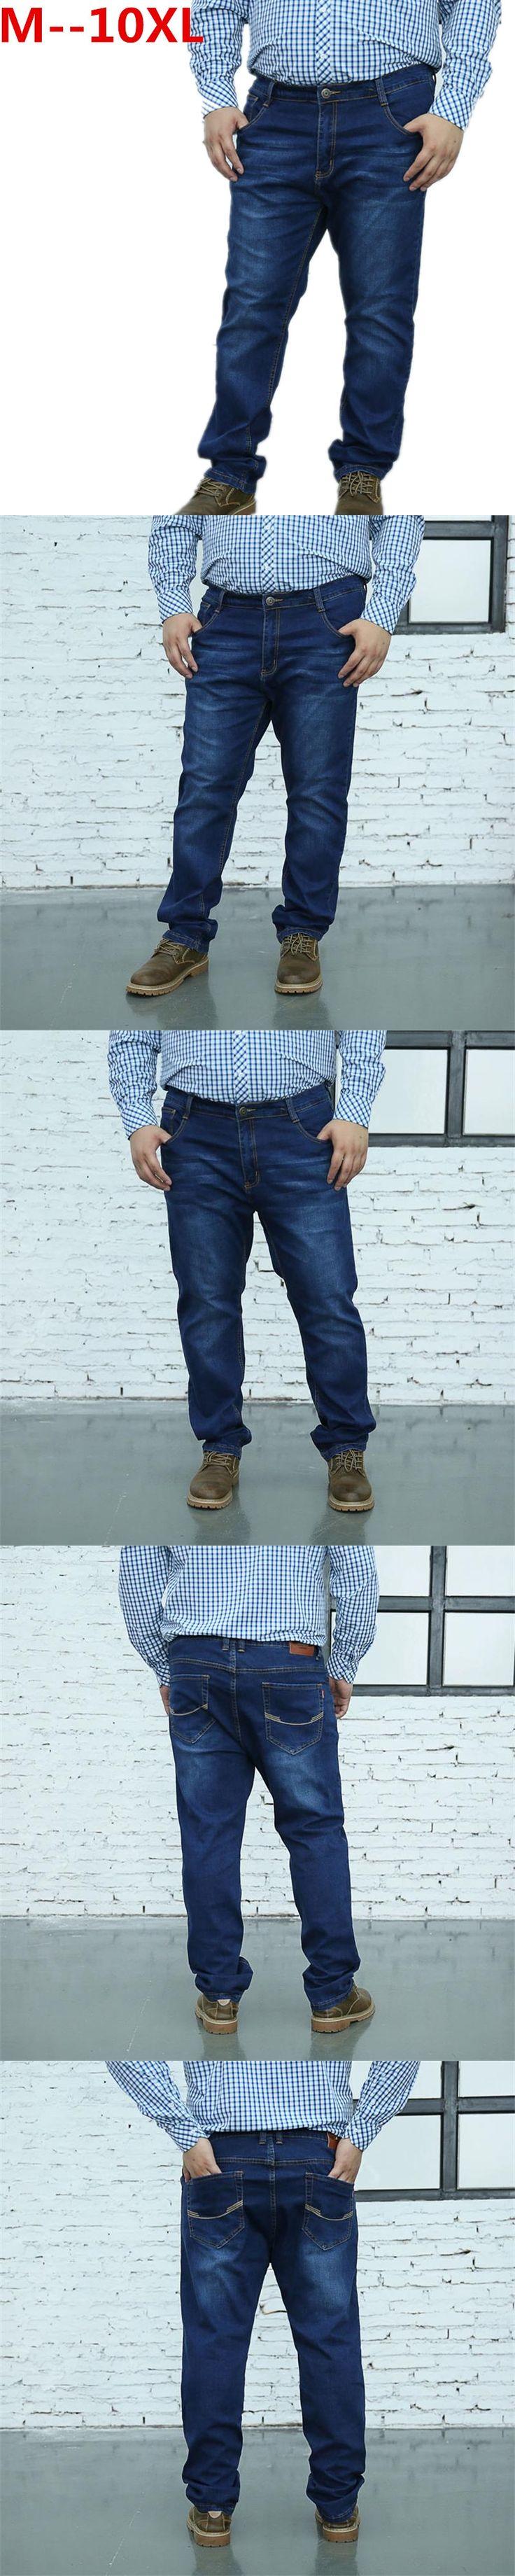 10XL 8XL 6XL 5XL 4XL 2017 New design jeans men Famous Brand Men Slim Jeans male 100% Cotton Straight pants Long denim Trousers